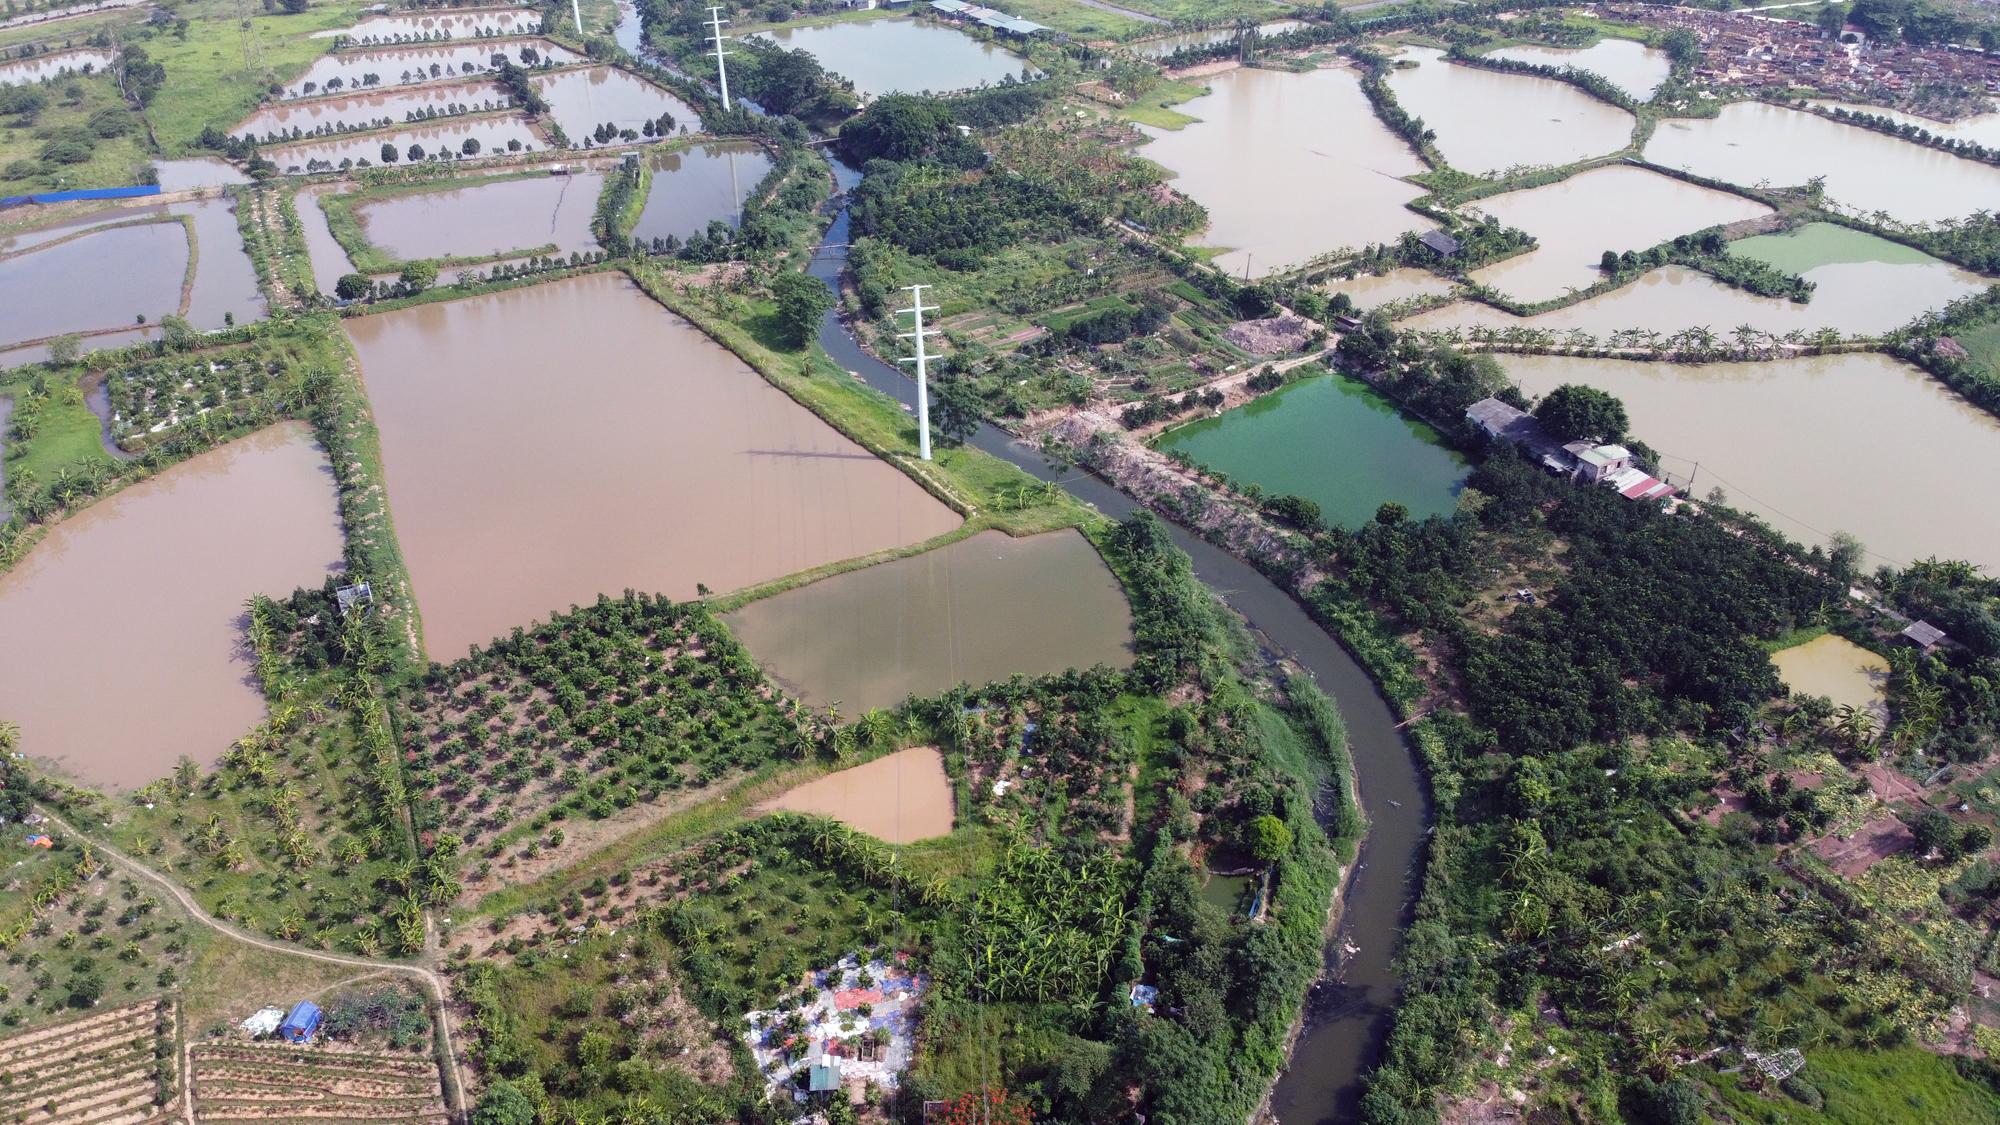 Toàn cảnh nơi xây dựng tuyến đường dài 3km trị giá gần 500 tỉ đồng ở quận Nam Từ Liêm - Ảnh 15.